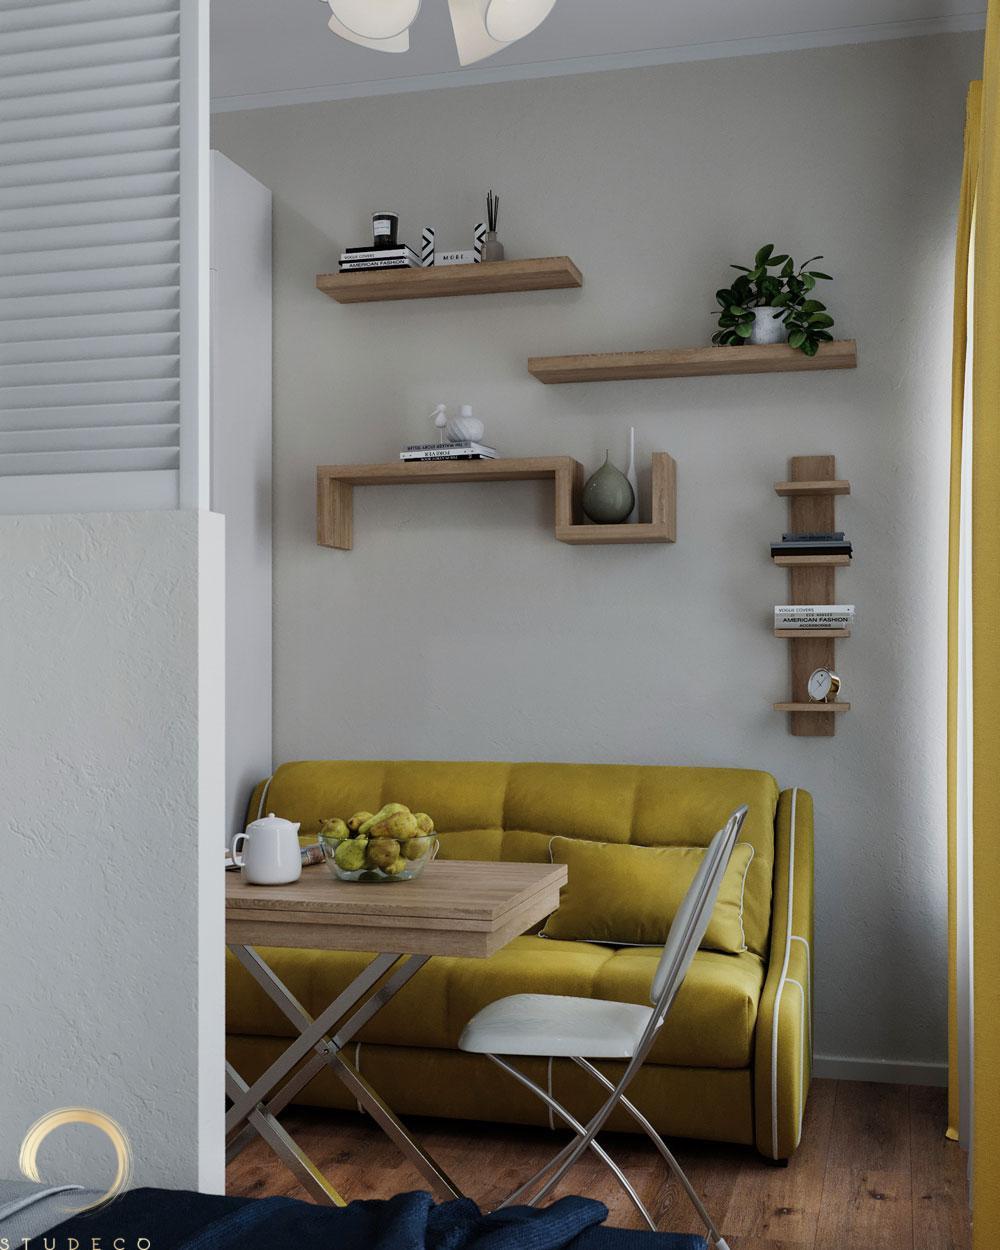 Проект малометражной гостевой студии 22 кв.